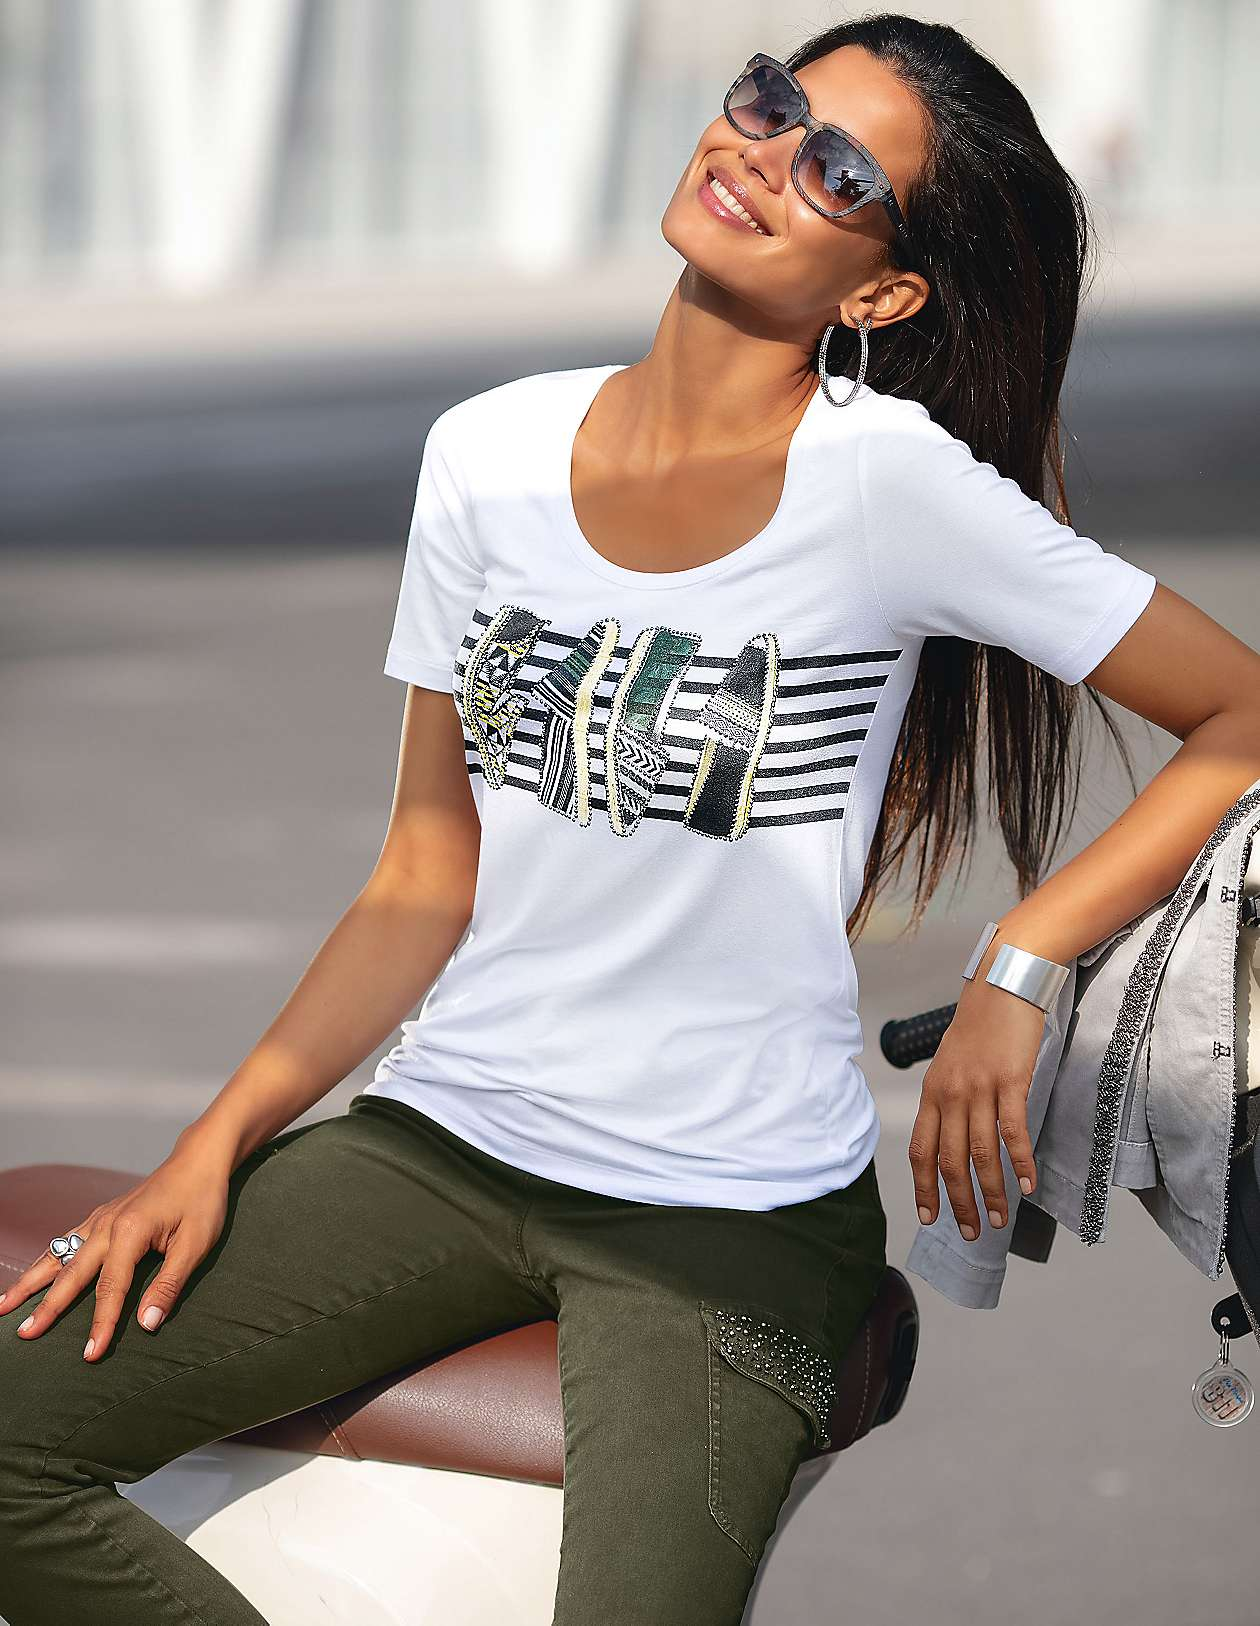 498ad534f49520 Damen-Shirts und Tops- exklusiv